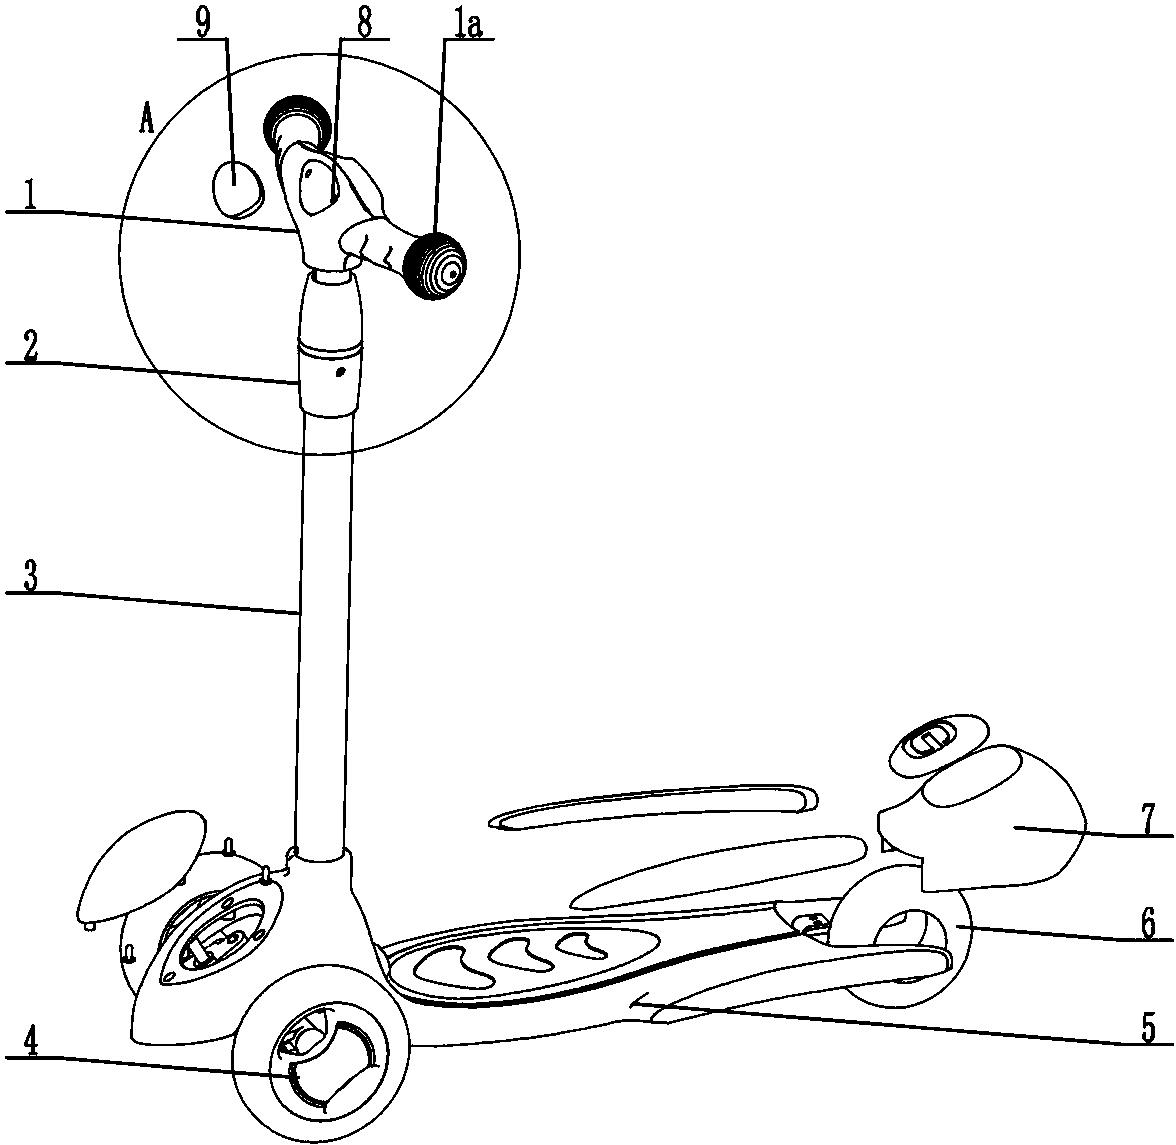 cn207089565u_一种带车把手挡板结构的滑板车有效